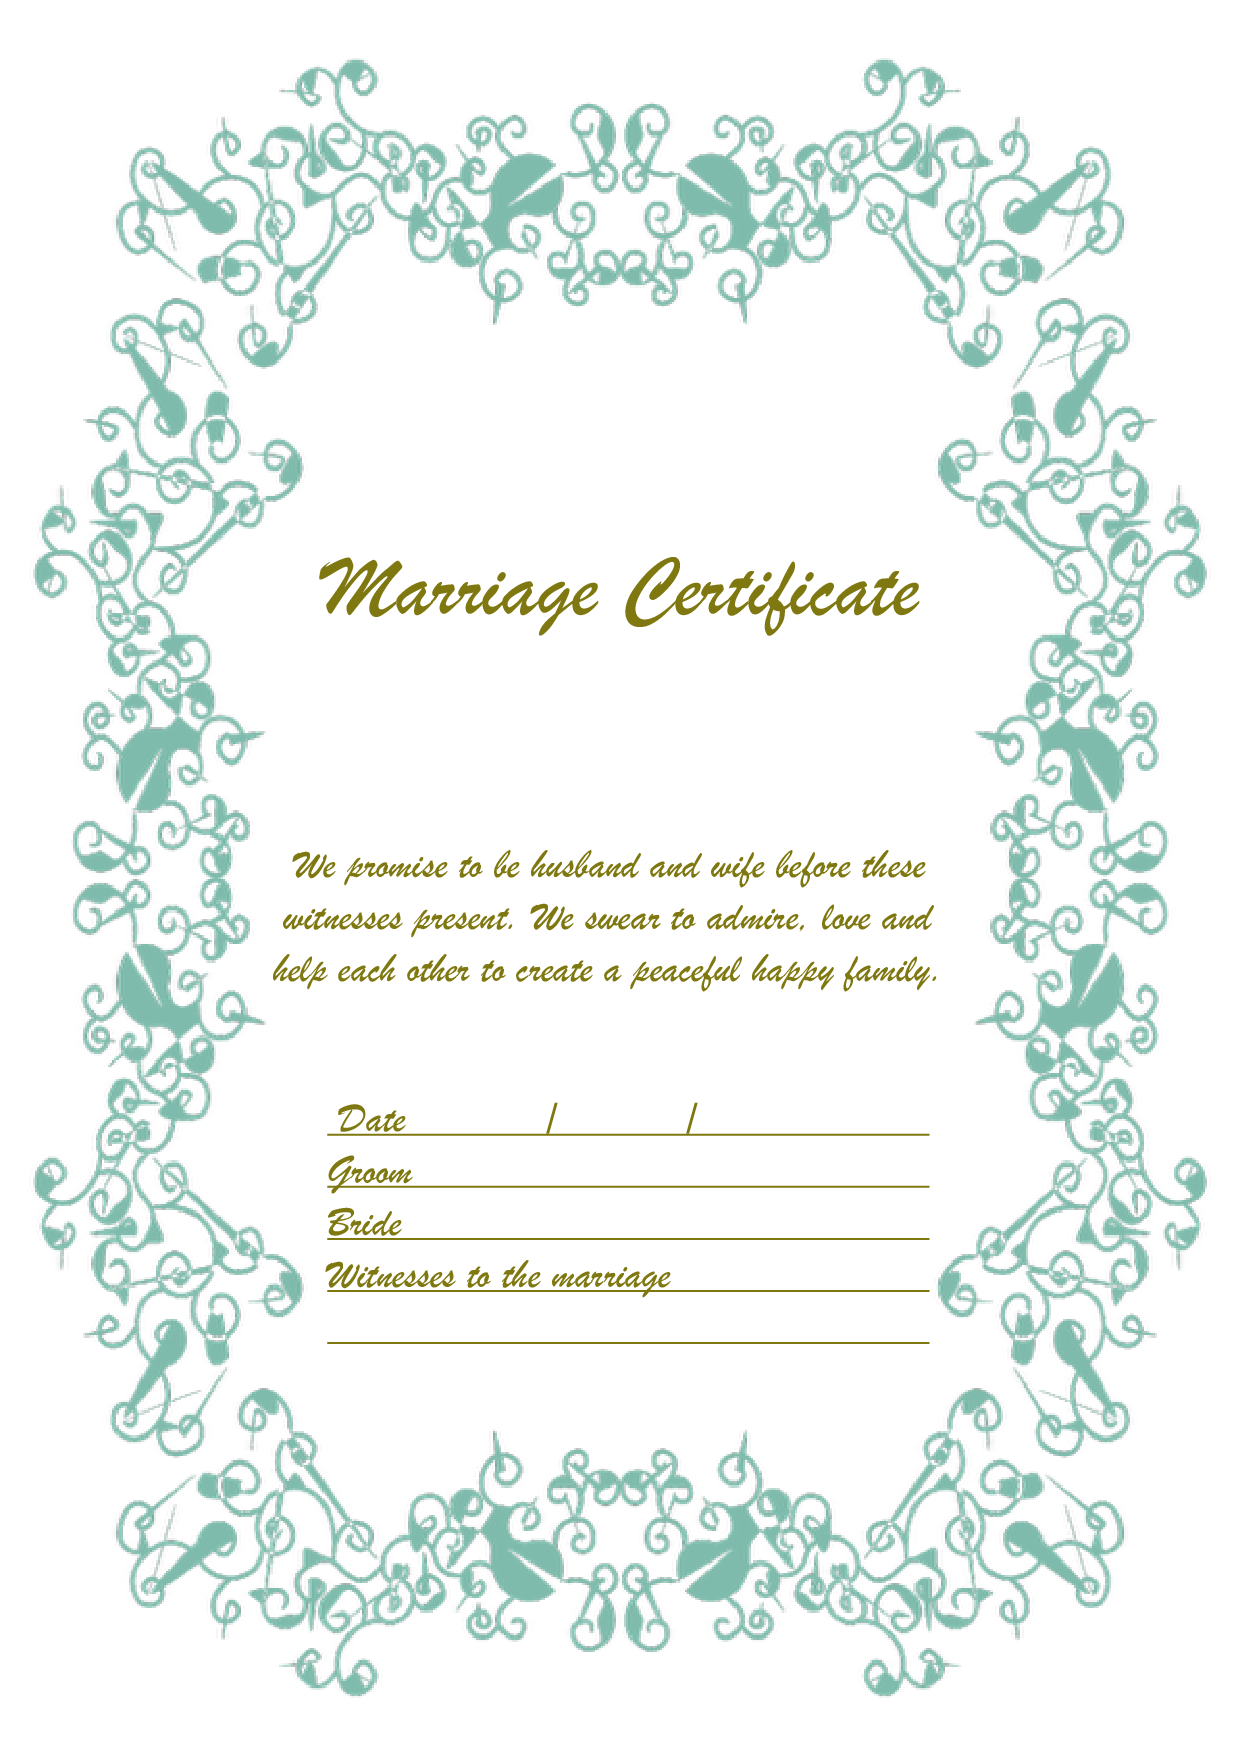 結婚証明書 英語テンプレート(ワード、ページズ)A4サイズ おしゃれグリーン